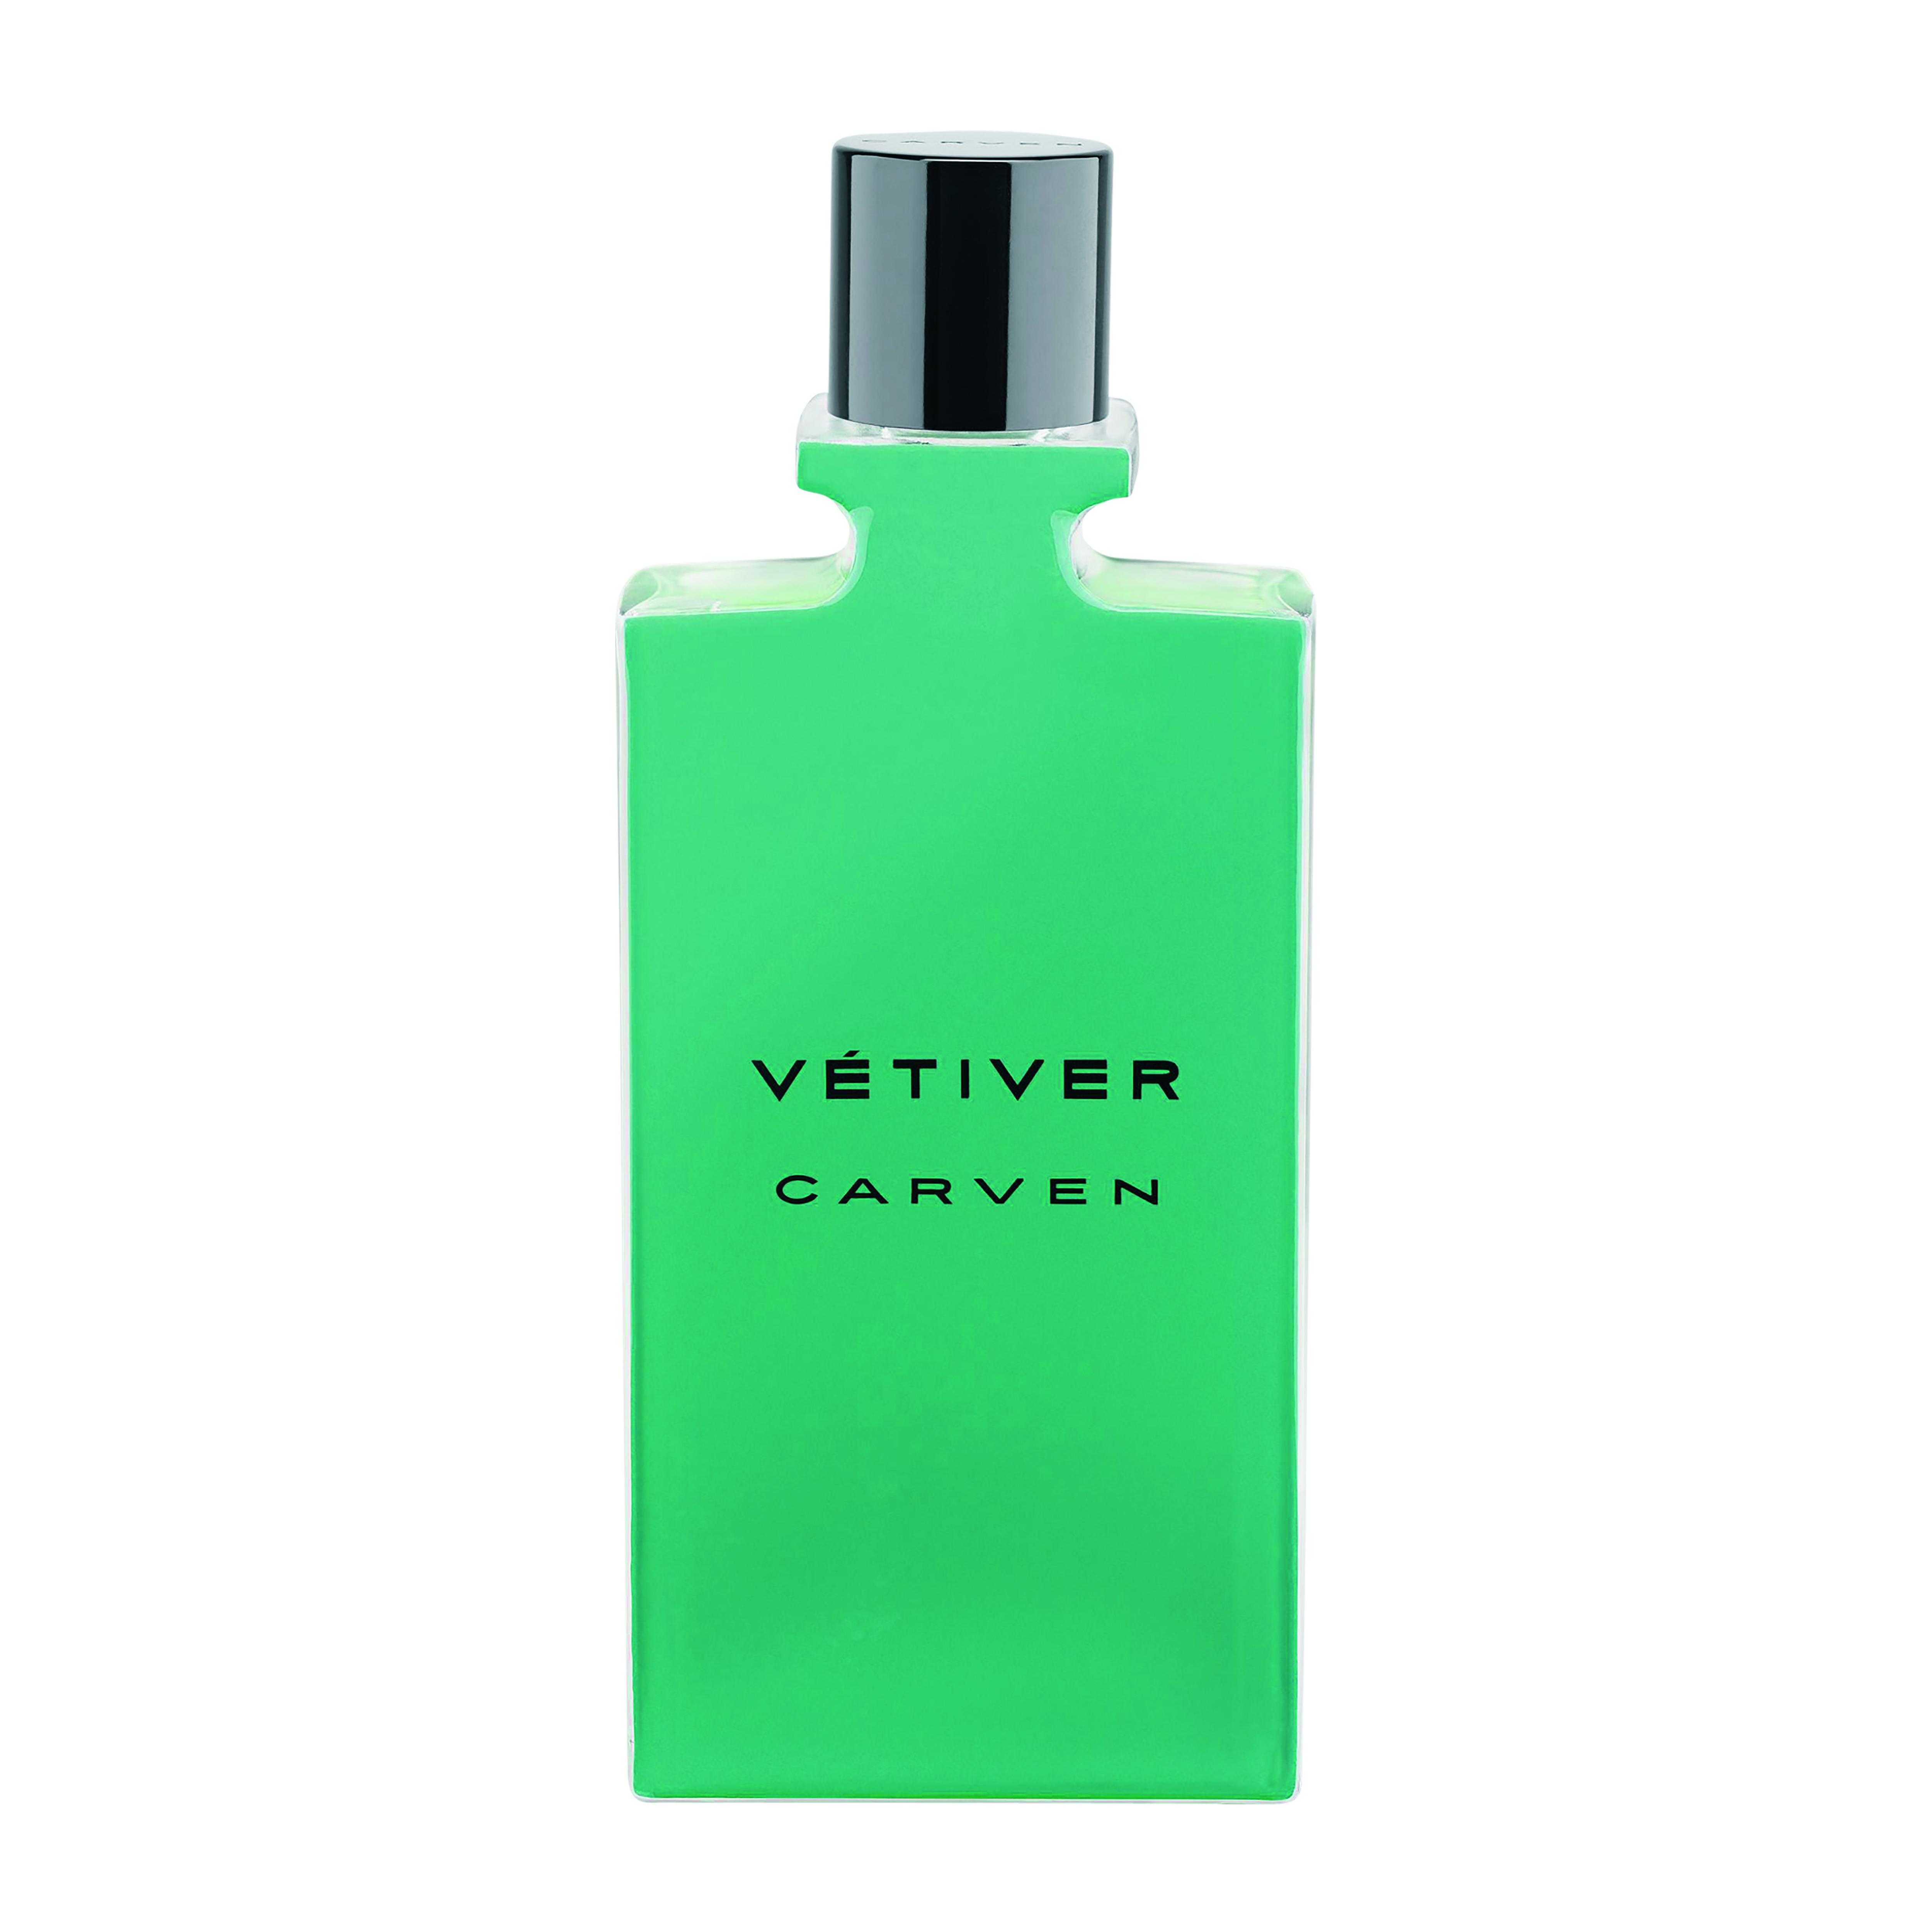 Carven Vétiver EDT, 100 ml